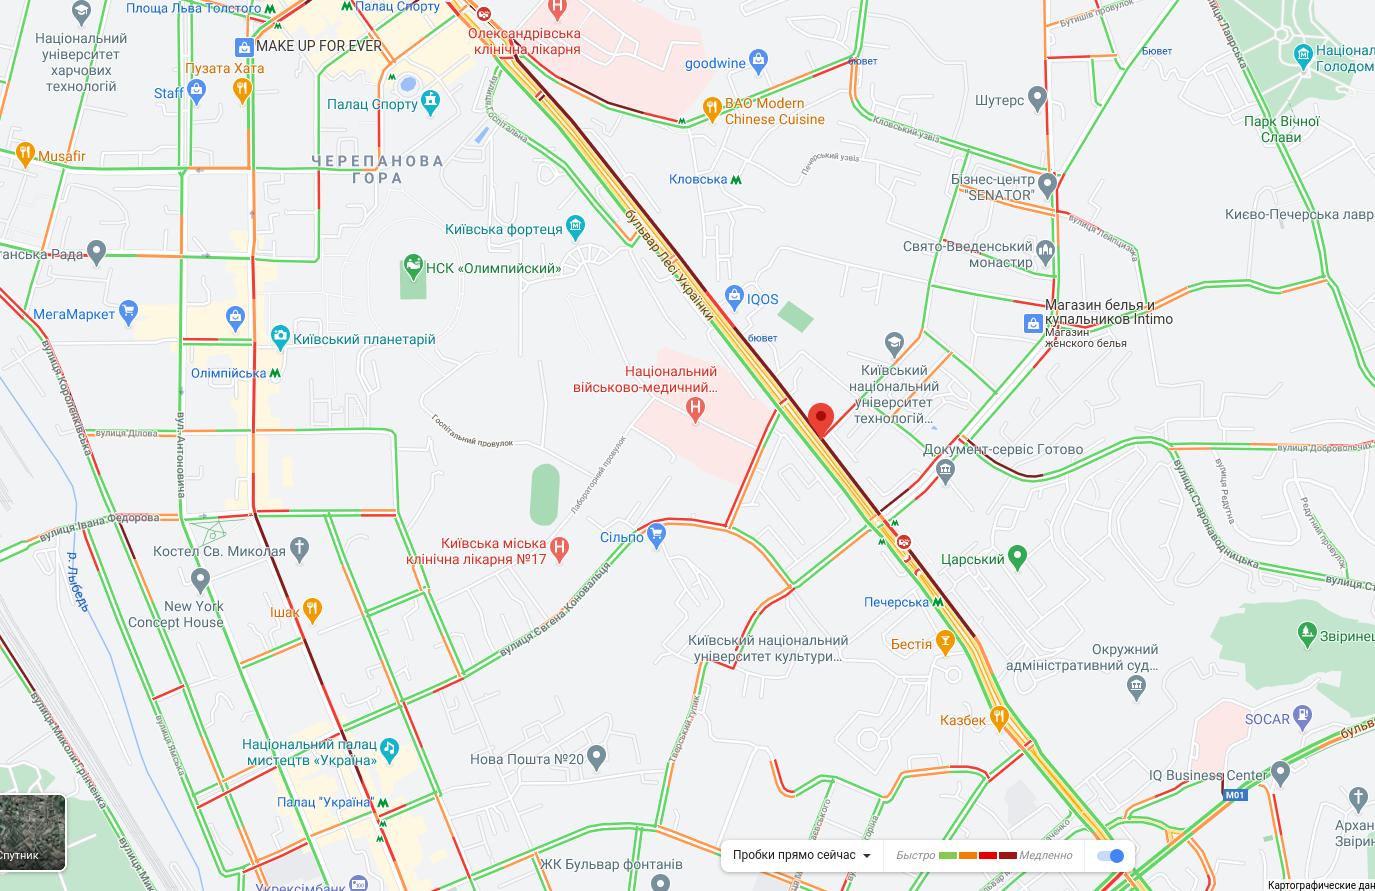 Пробки в Киеве 16 октября: что творится на дорогах утром, КАРТА, фото-2